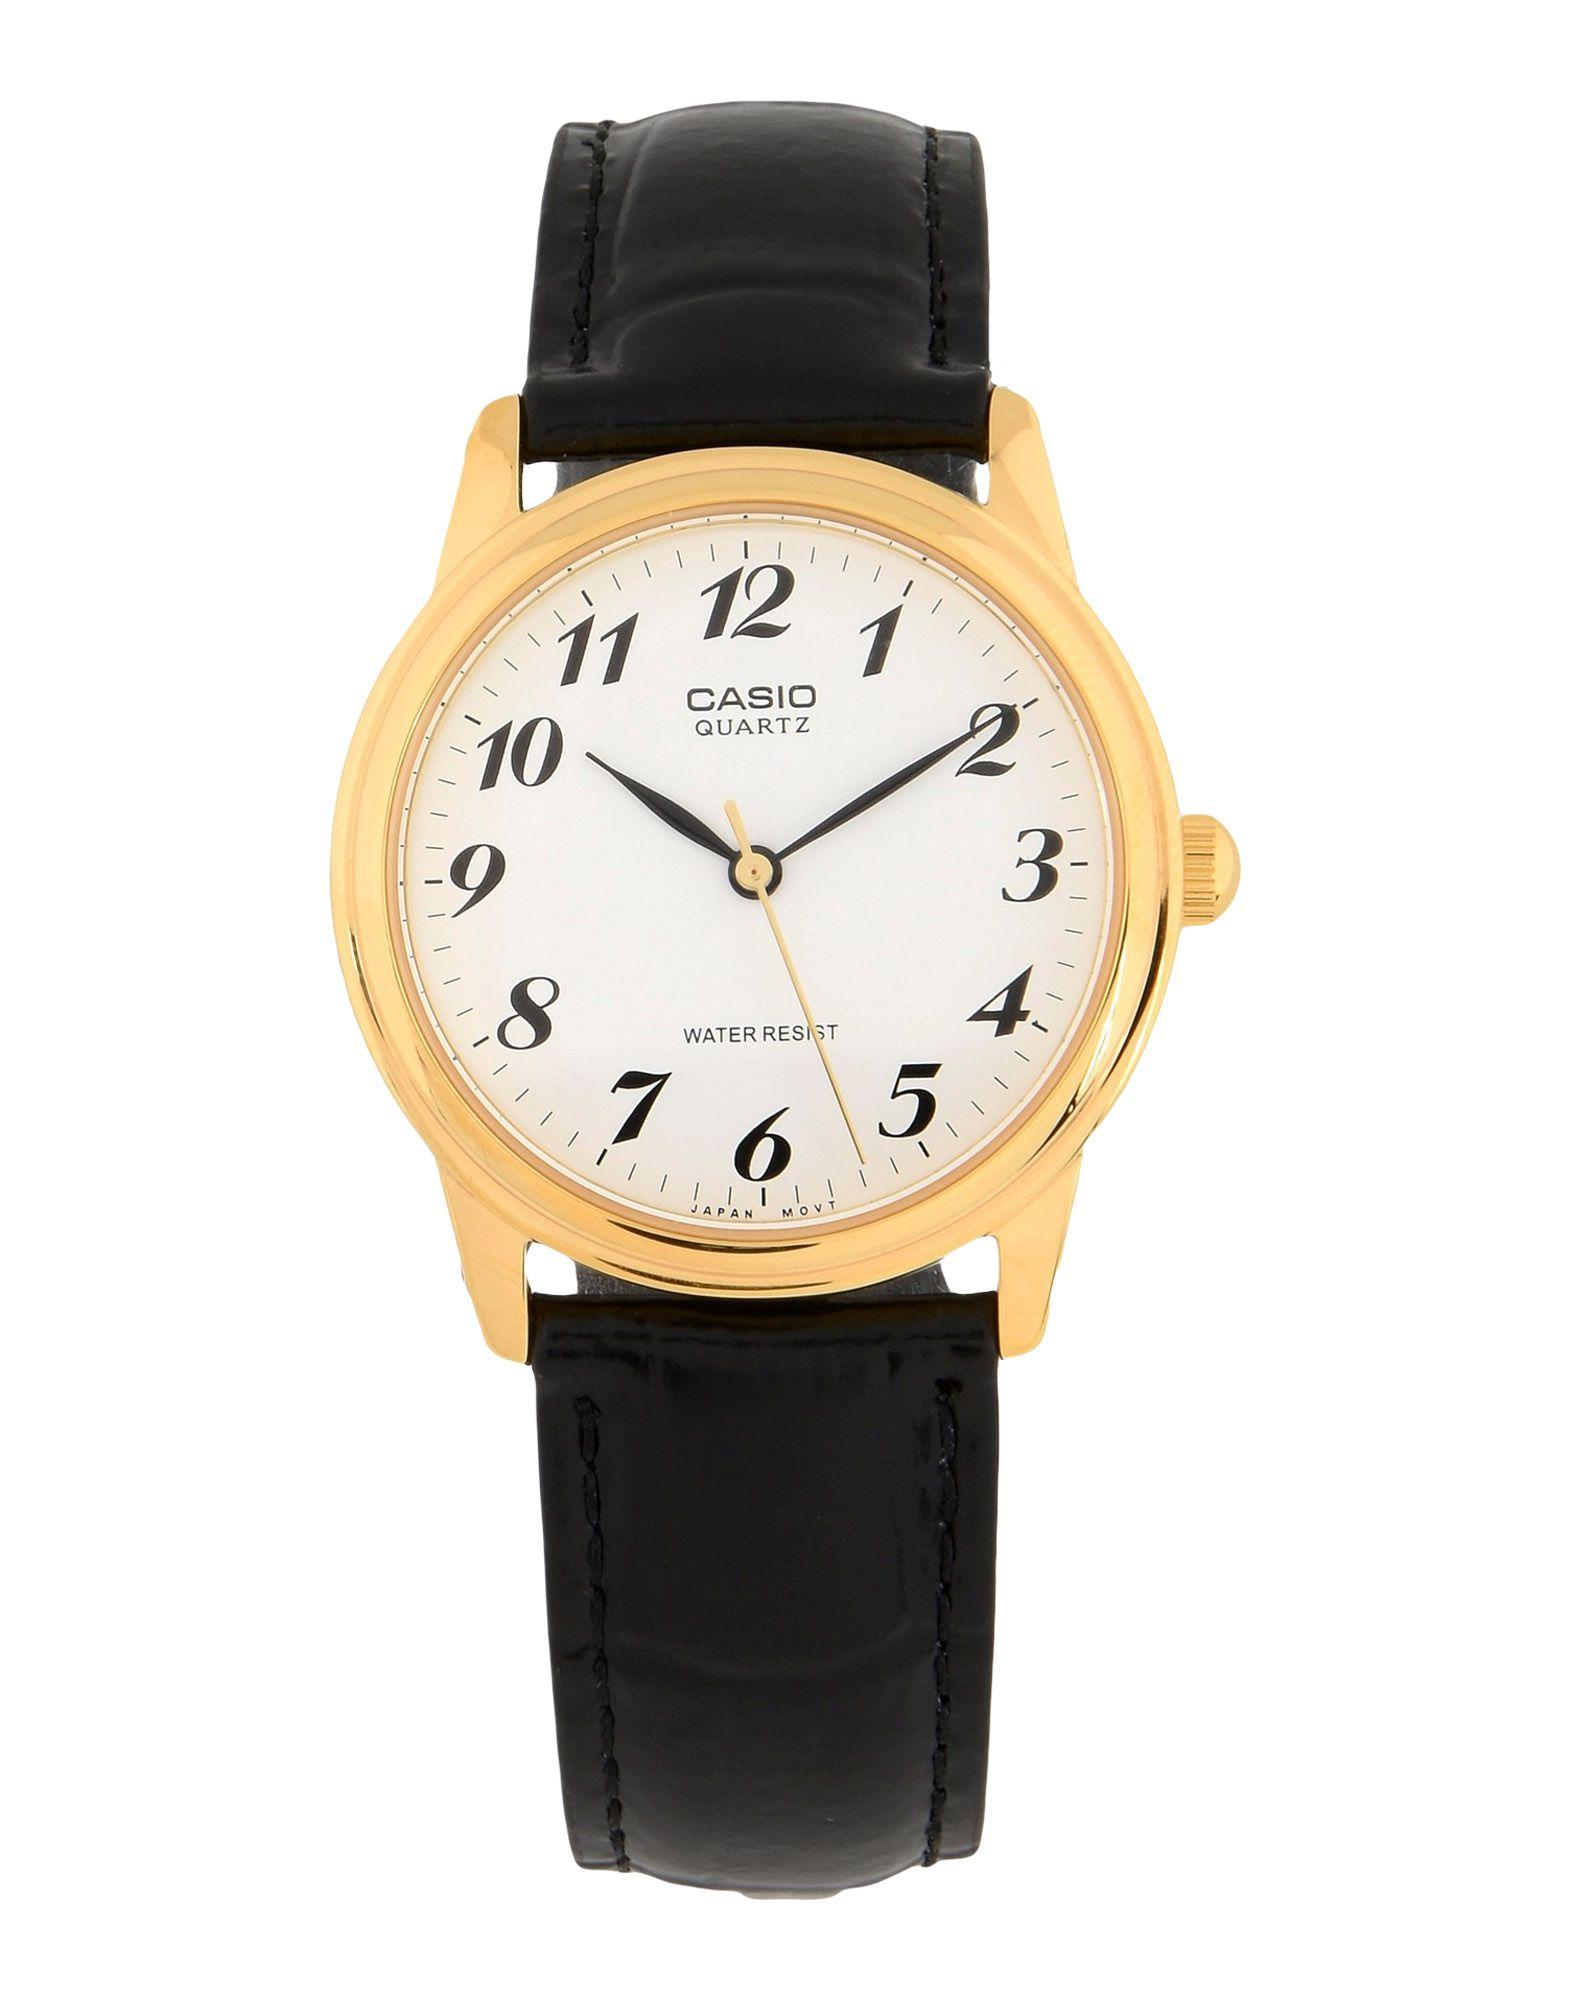 CASIO Herren Armbanduhr Farbe Weiß Größe 1